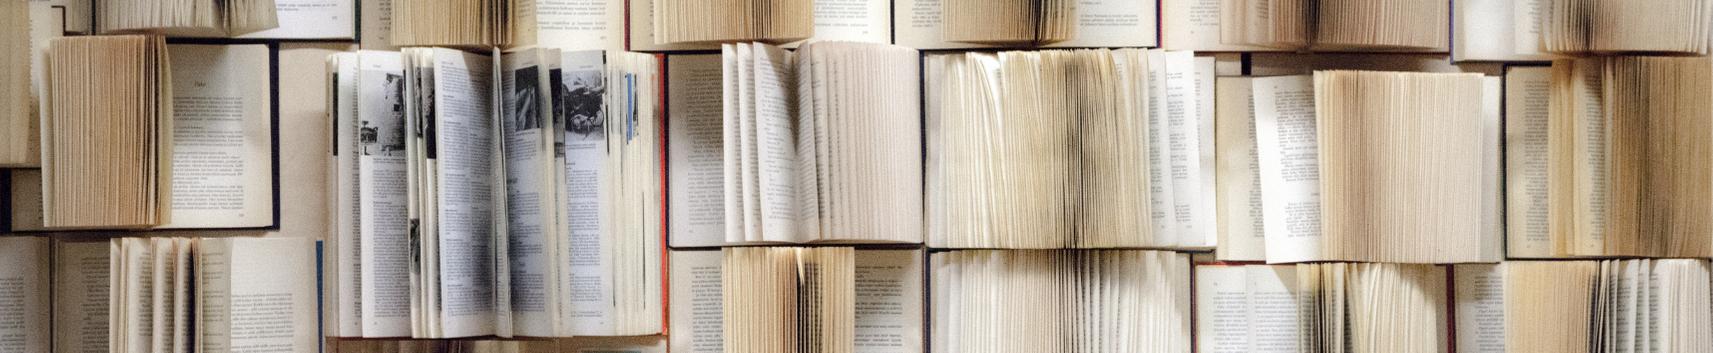 Tekstoterapia kulturowa. Ścieżka kompetencji